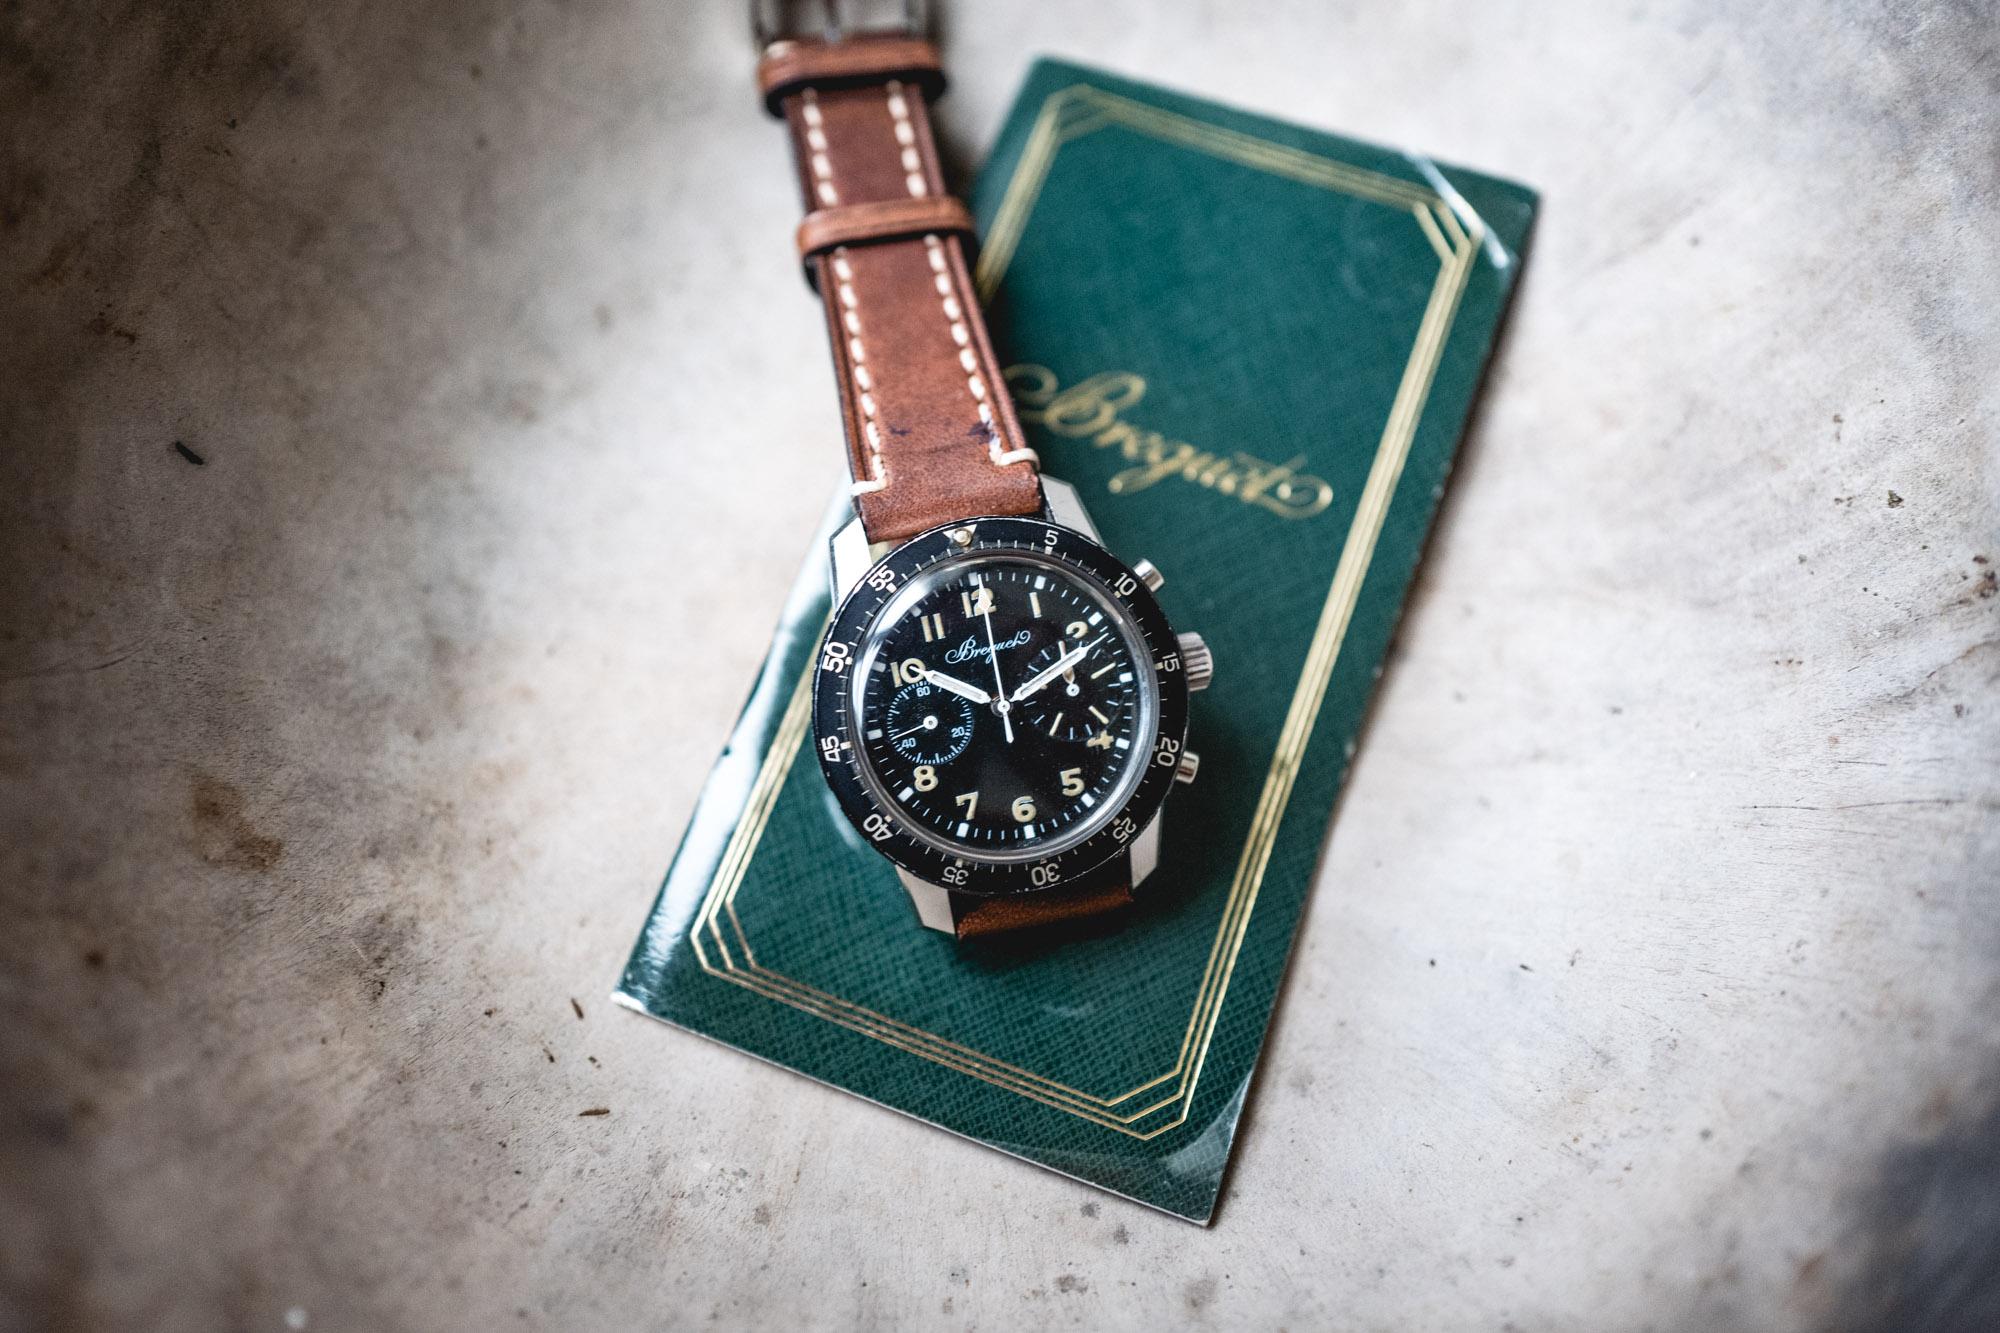 Tajan - Vente de montres du 11 décembre - Breguet Type XX vendue par Chaumet